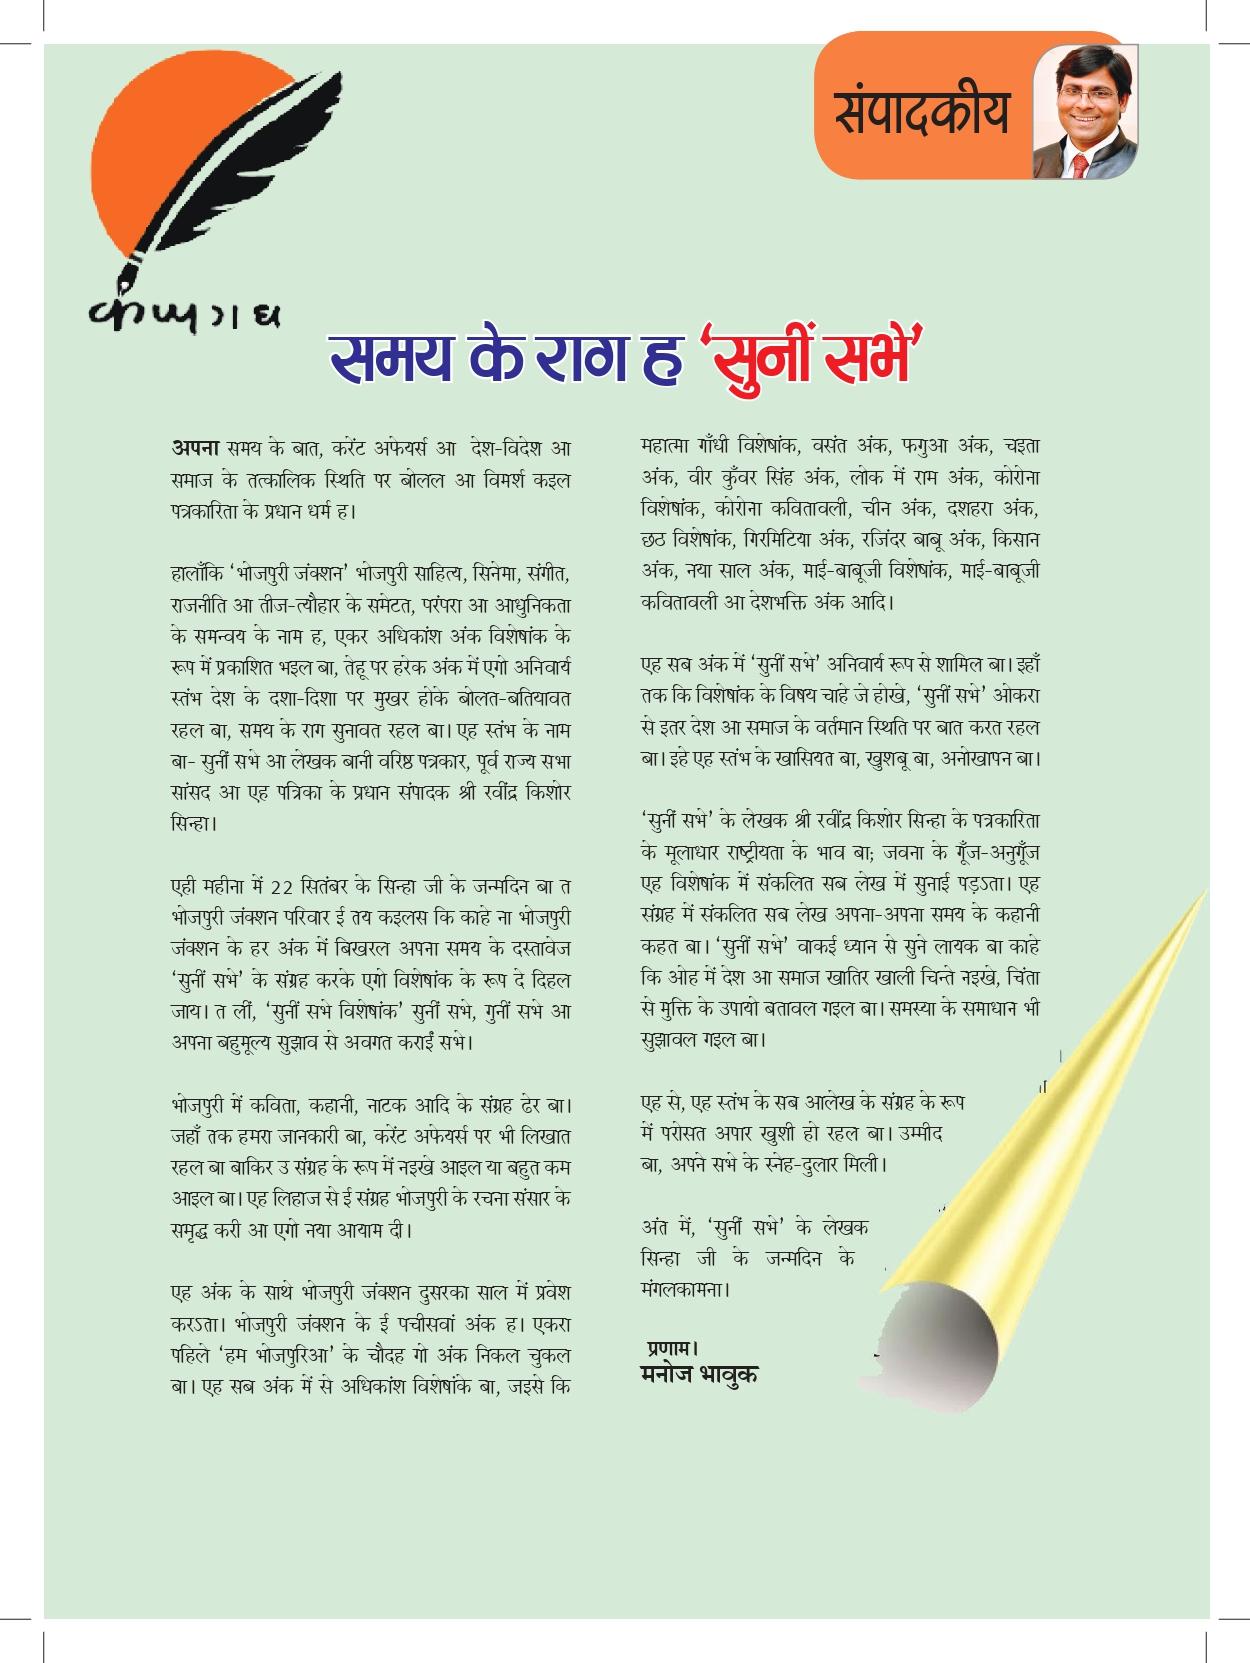 Bhojpuri-junction-1-15-September-2021_page-0005.jpg